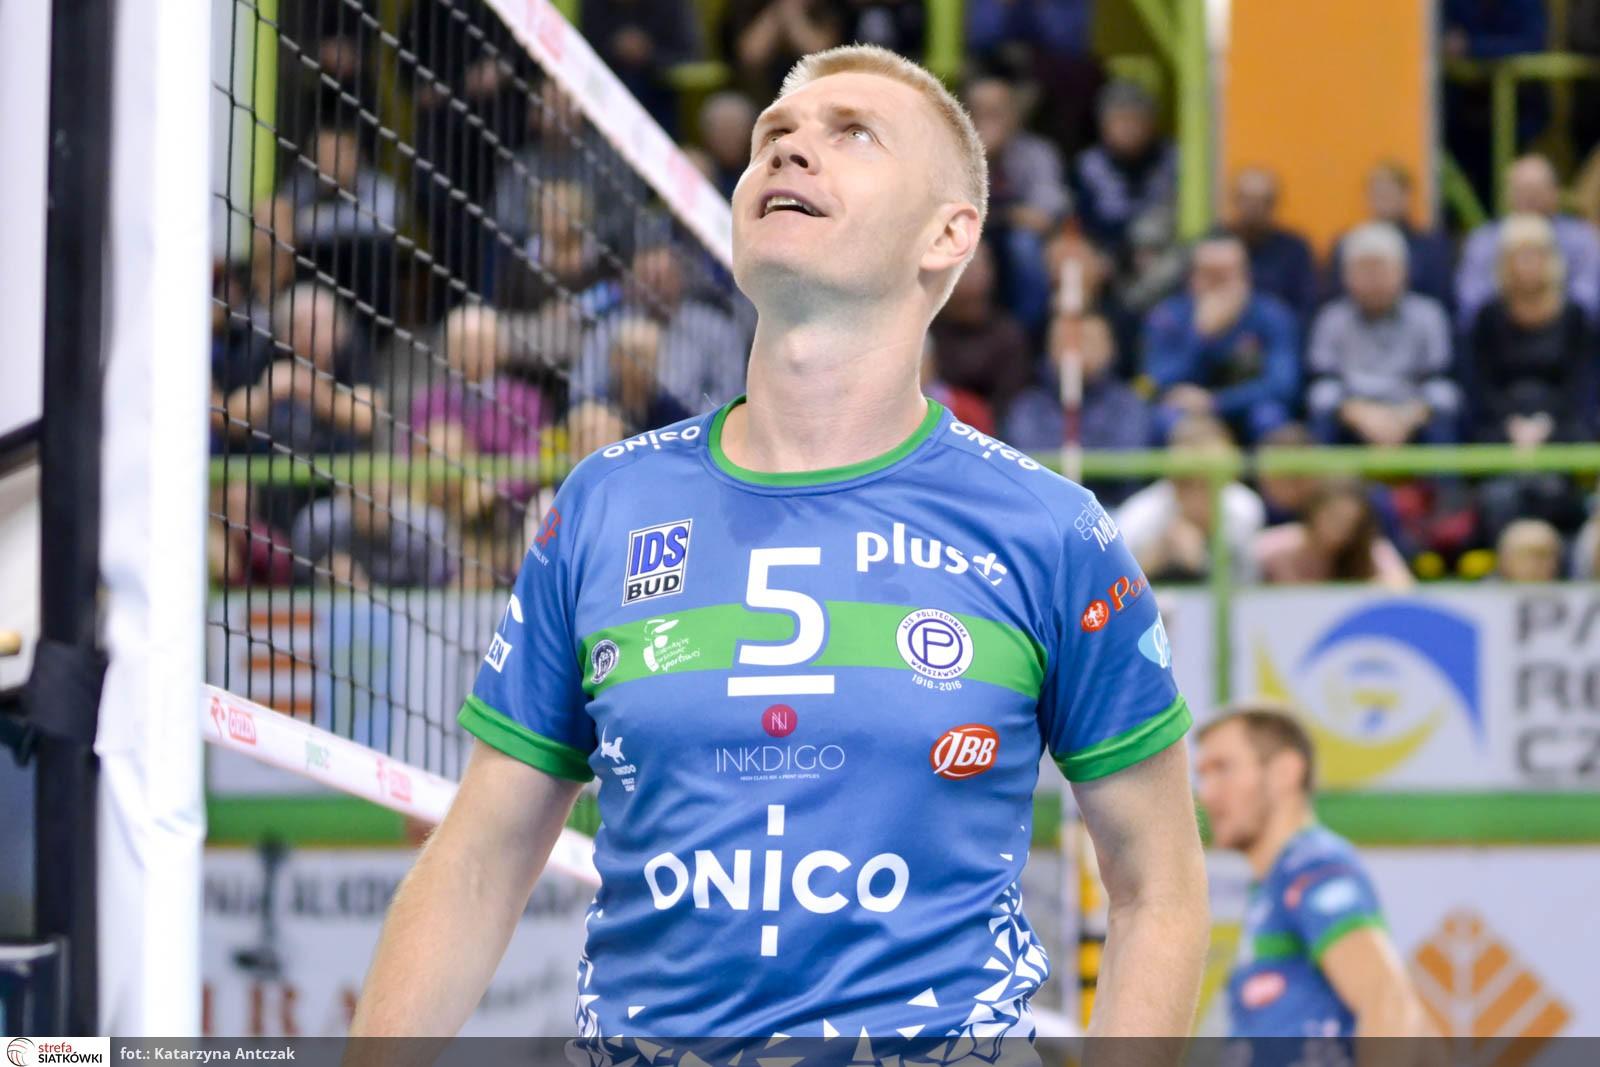 07 - Paweł Zagumny